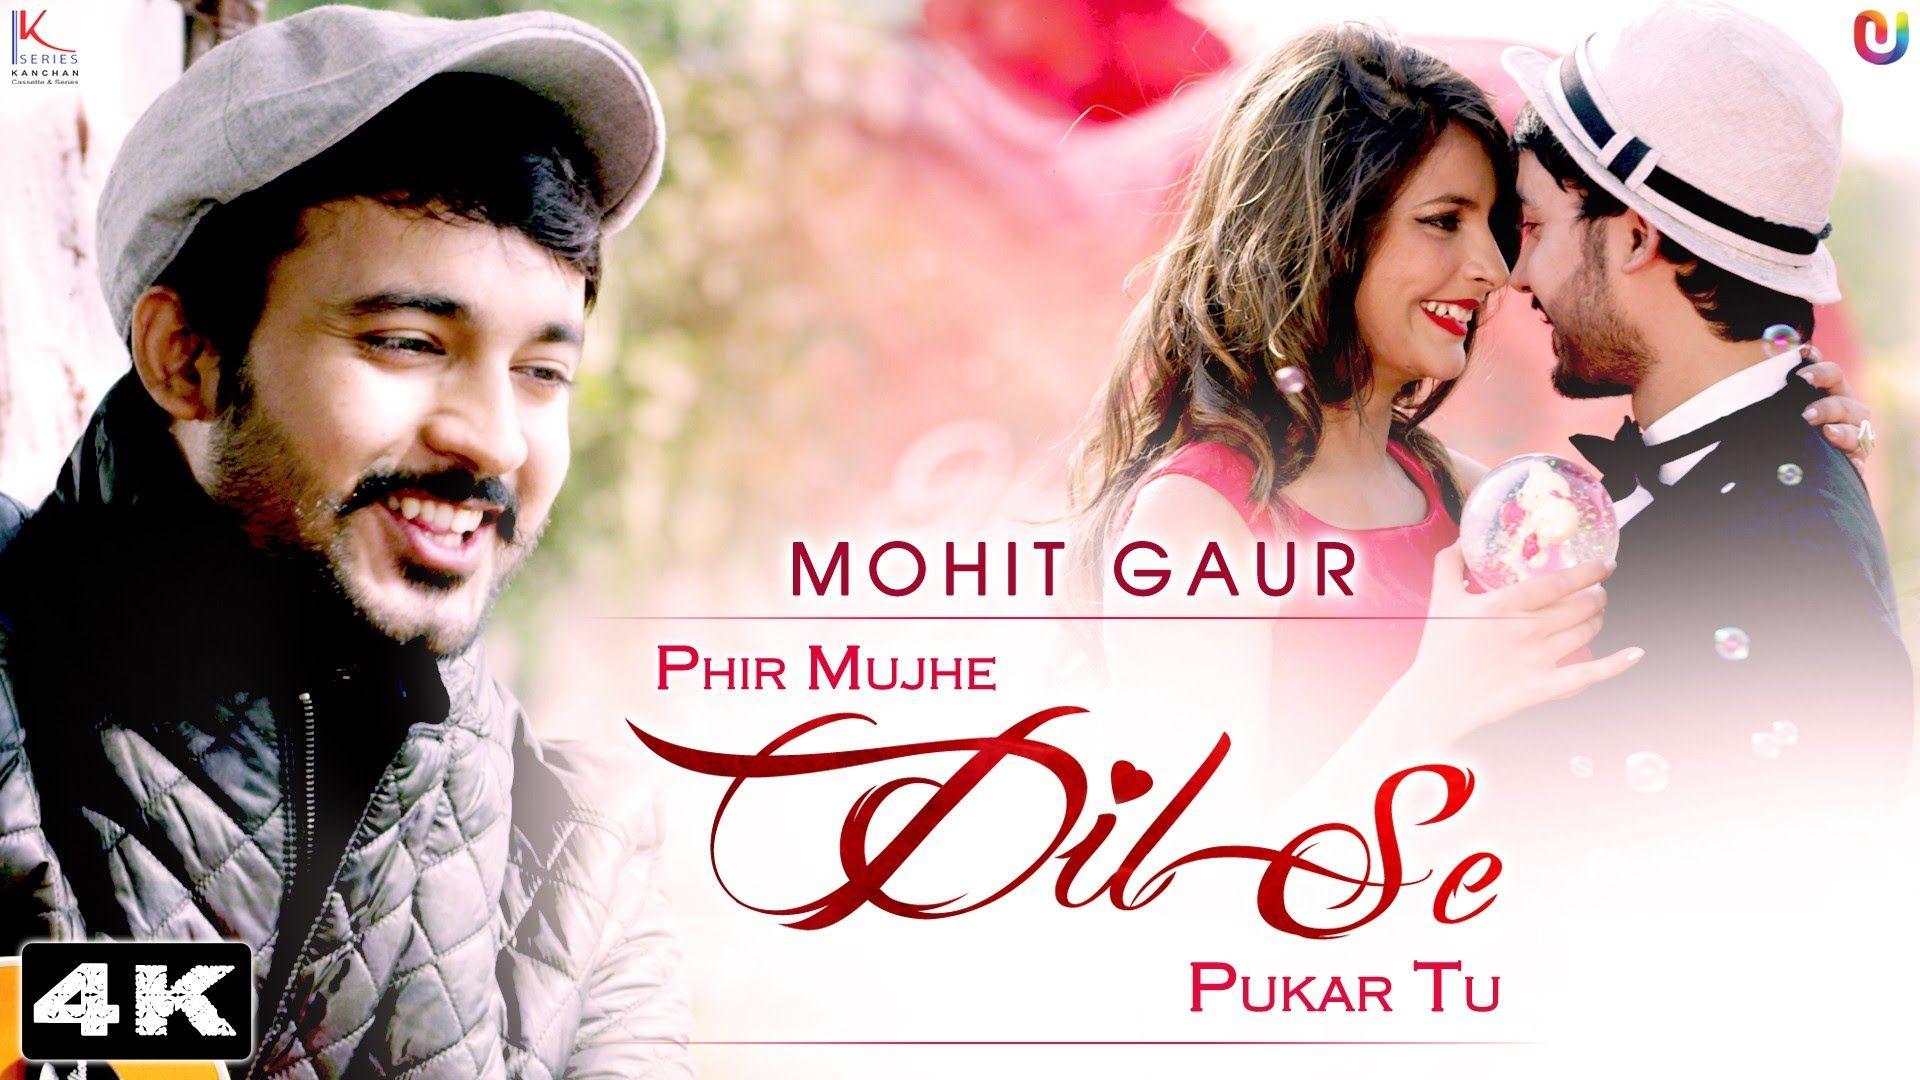 New Hindi Songs 2016 Phir Mujhe Dil Se Pukar Tu Mohit Gaur